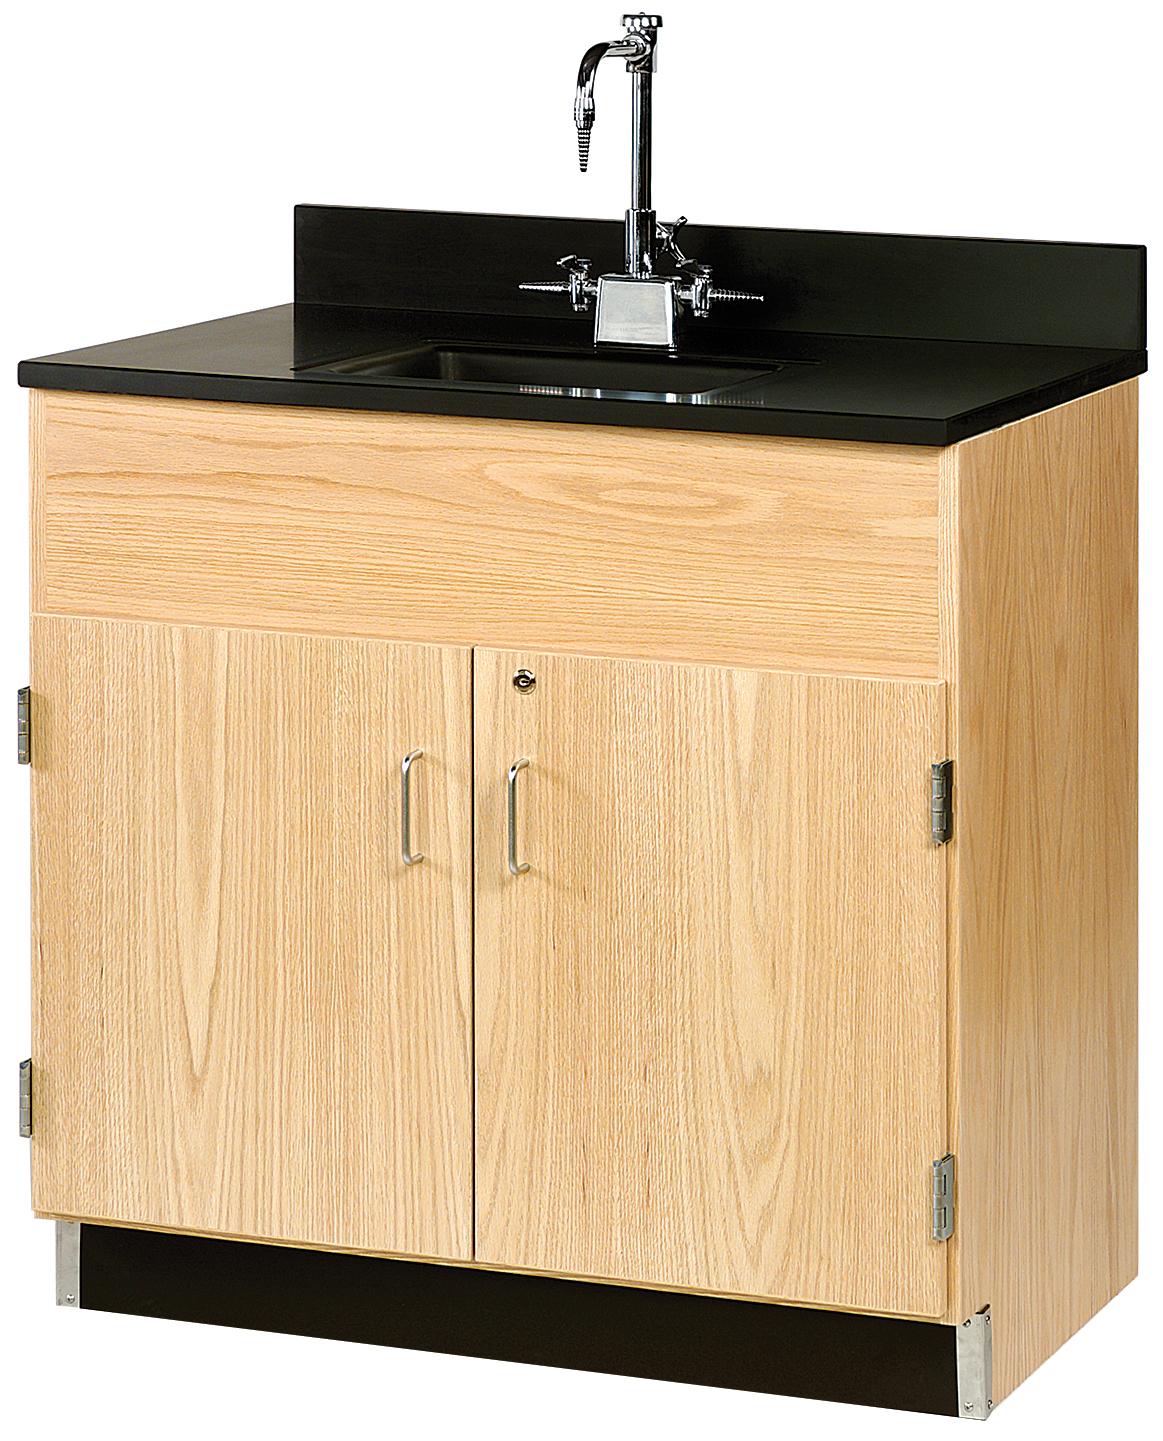 Storage Cabinets & Sinks